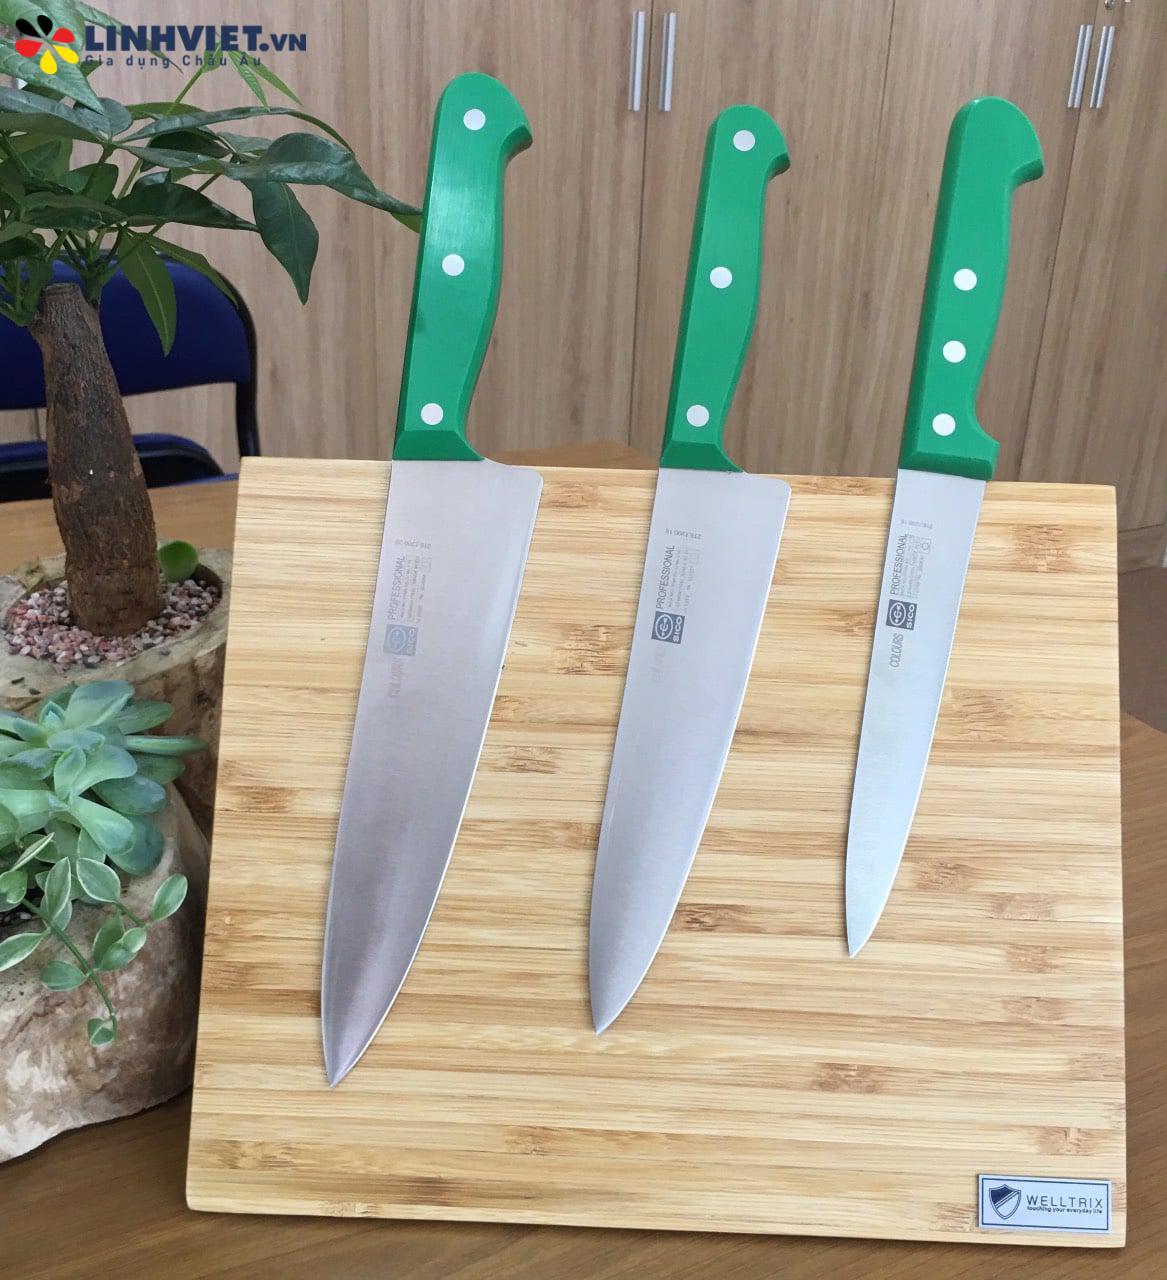 Dao chế biến thịt cán xanh lá cây có đinh tán ( 3 dao + giá gắn dao )